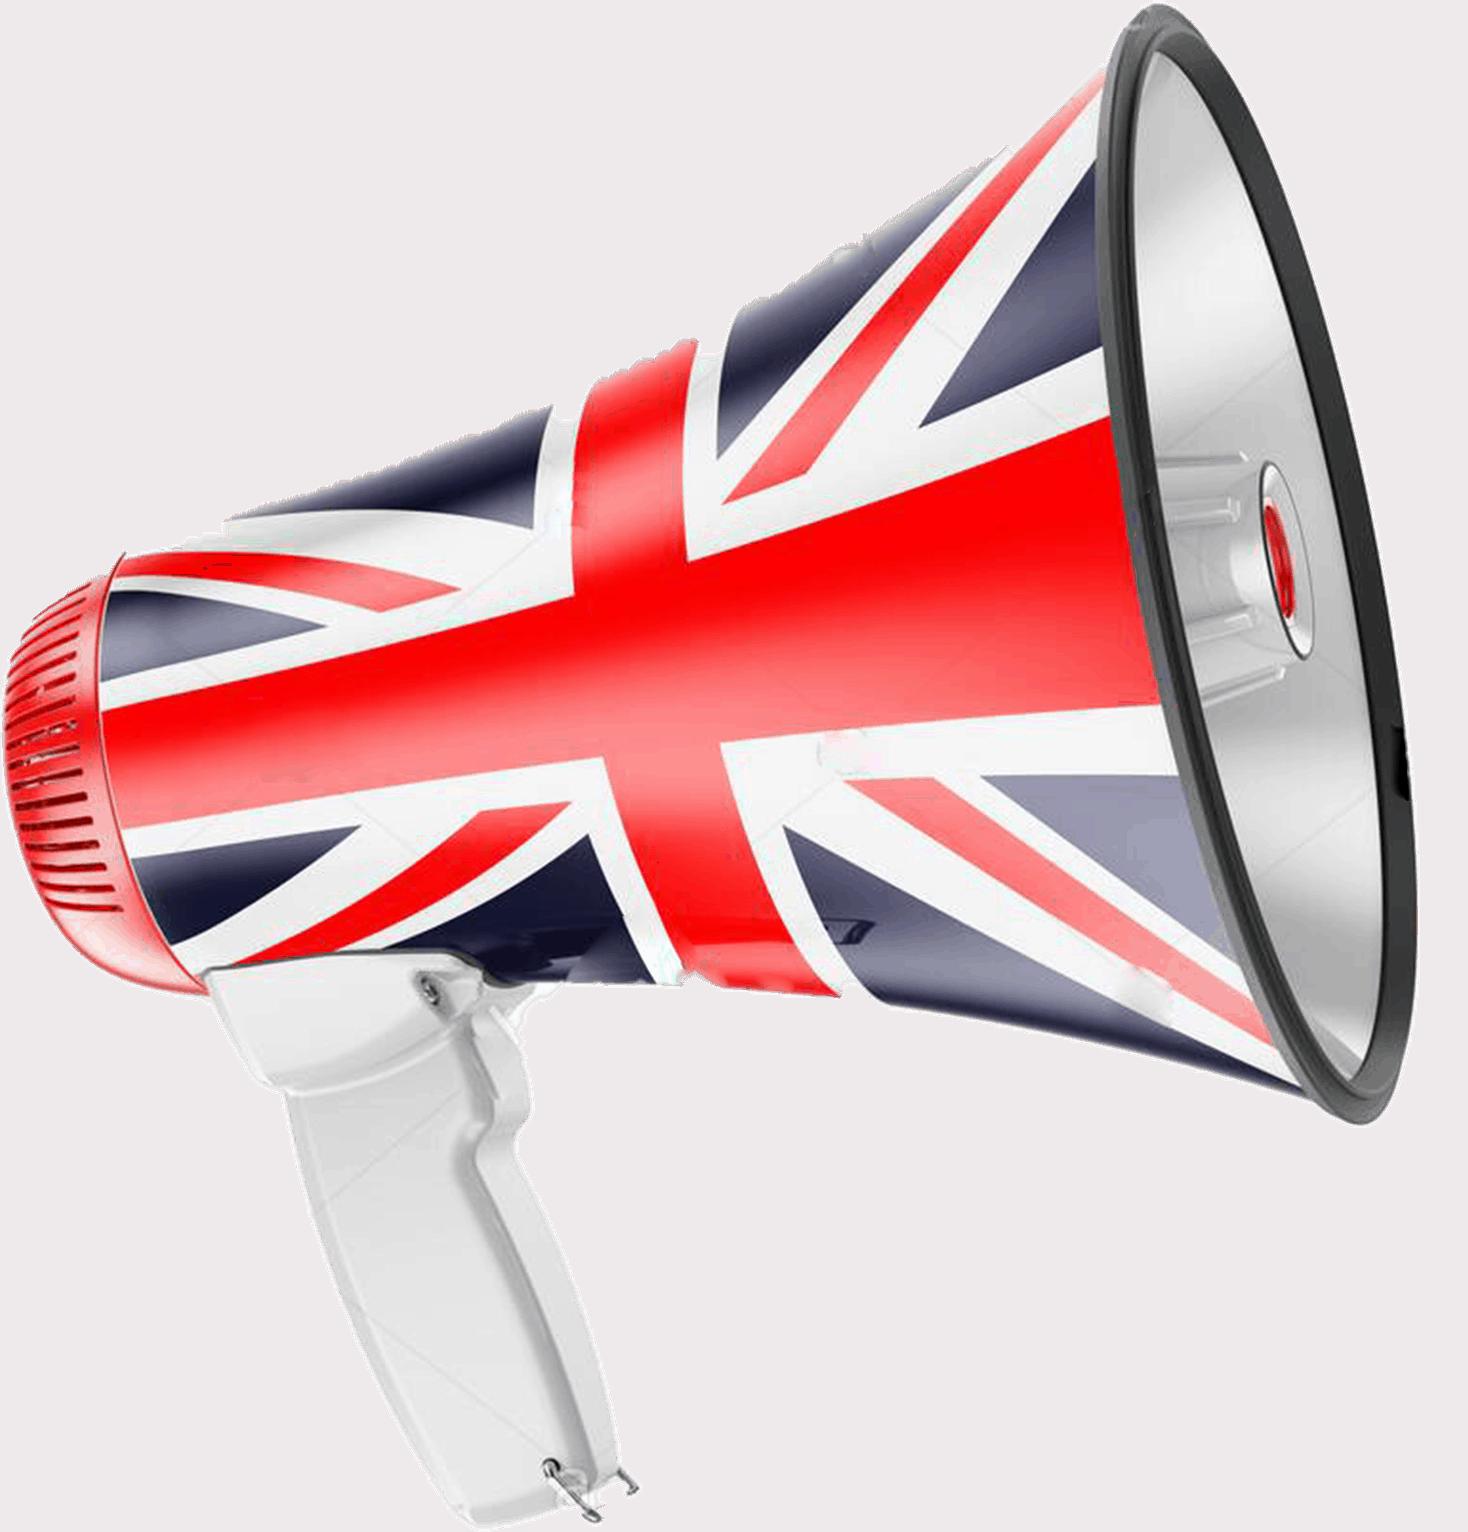 A Very British Megaphone